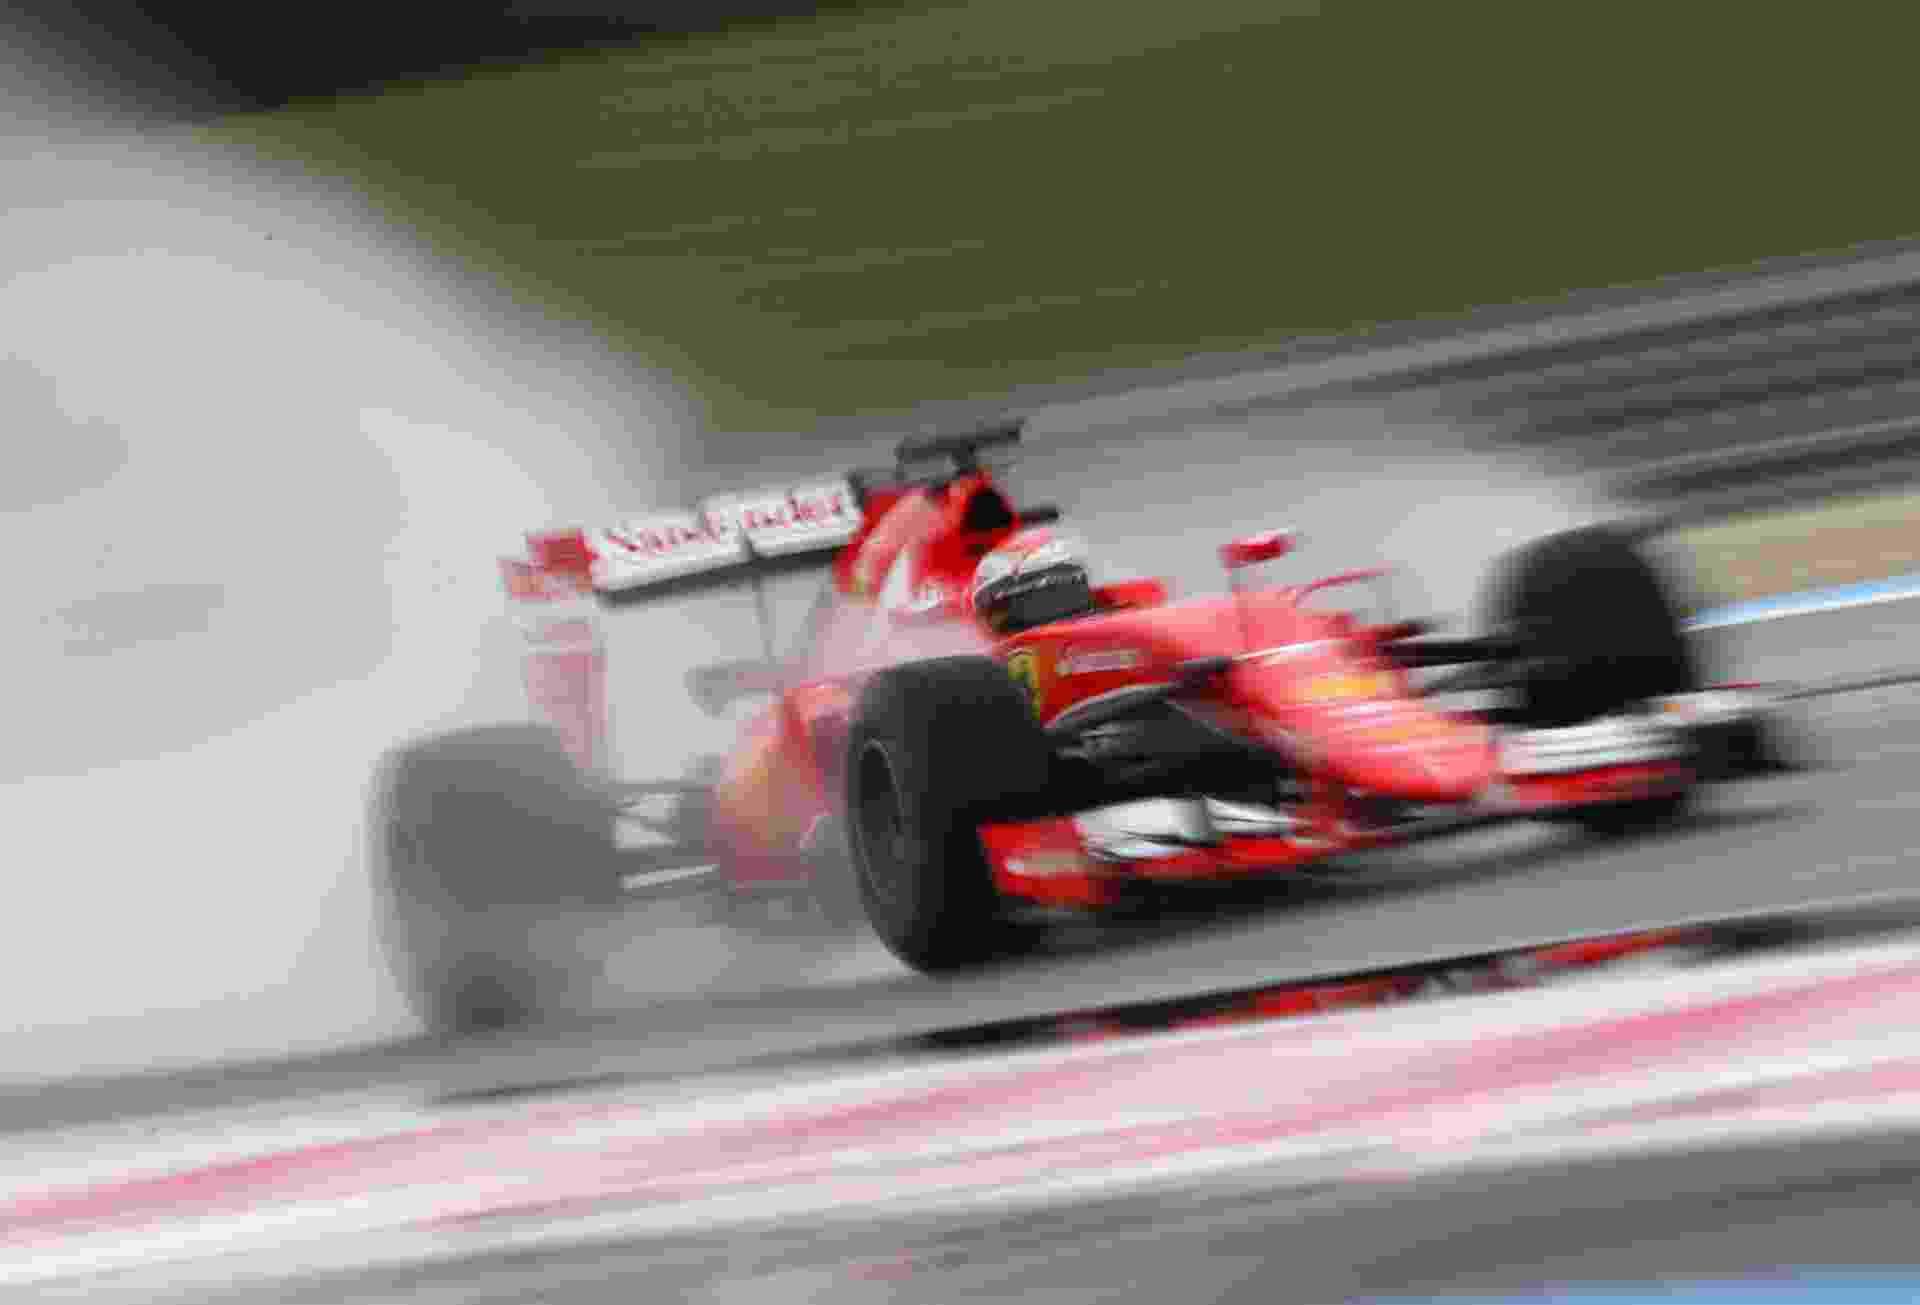 Kimi Raikkonen participa de teste da Pirelli pela Ferrari em Paul Ricard - Mark Thompson/Getty Images